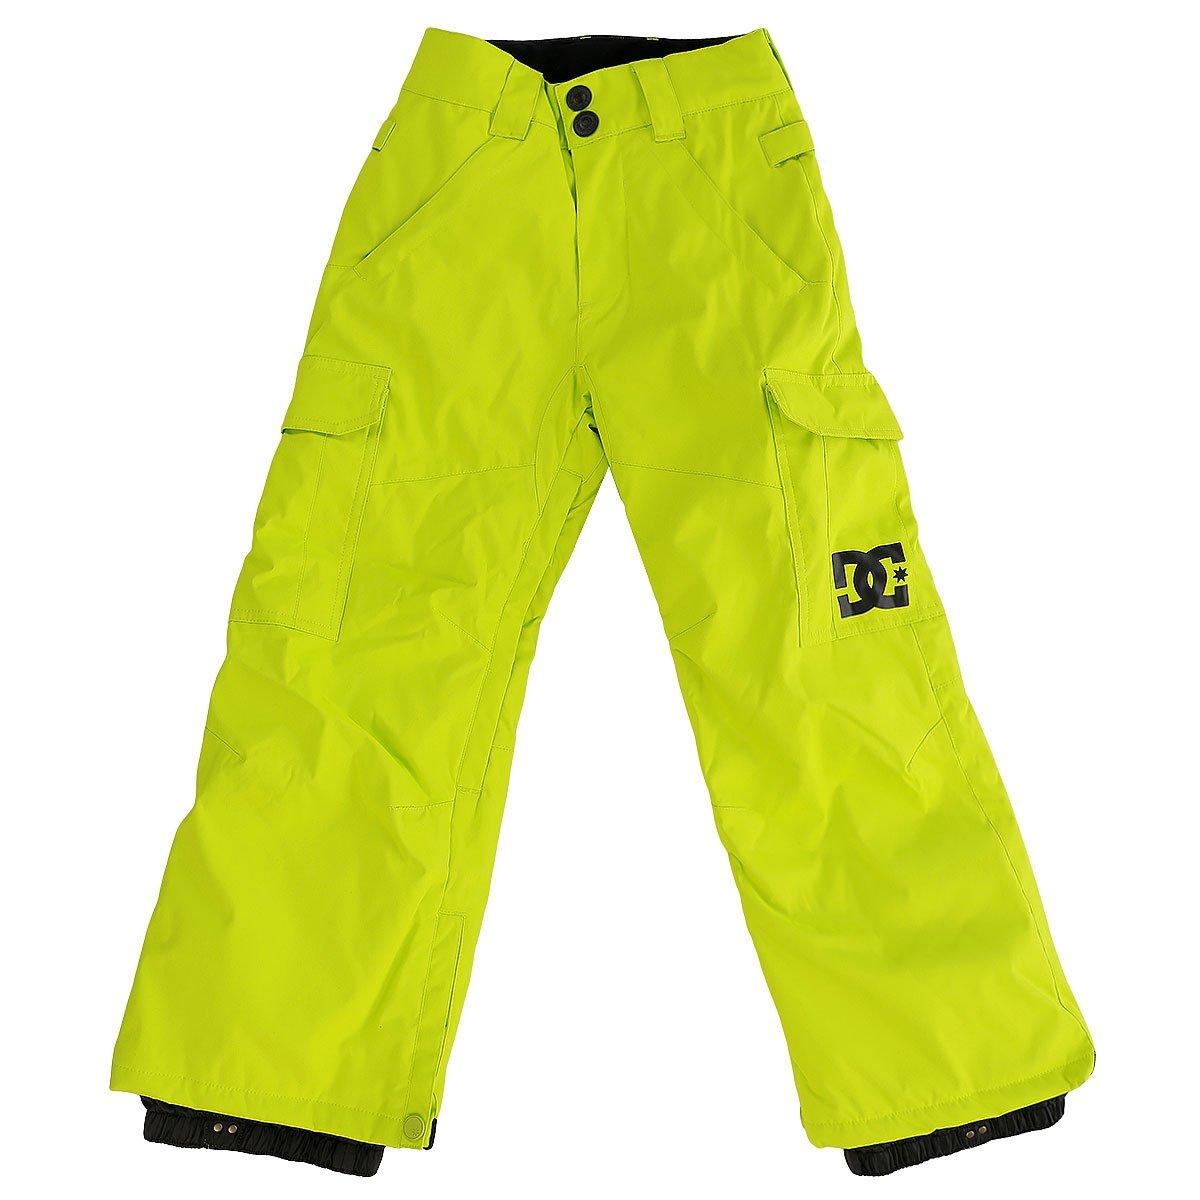 Купить штаны сноубордические детские DC Banshee Tender Shots ... 98b35754723